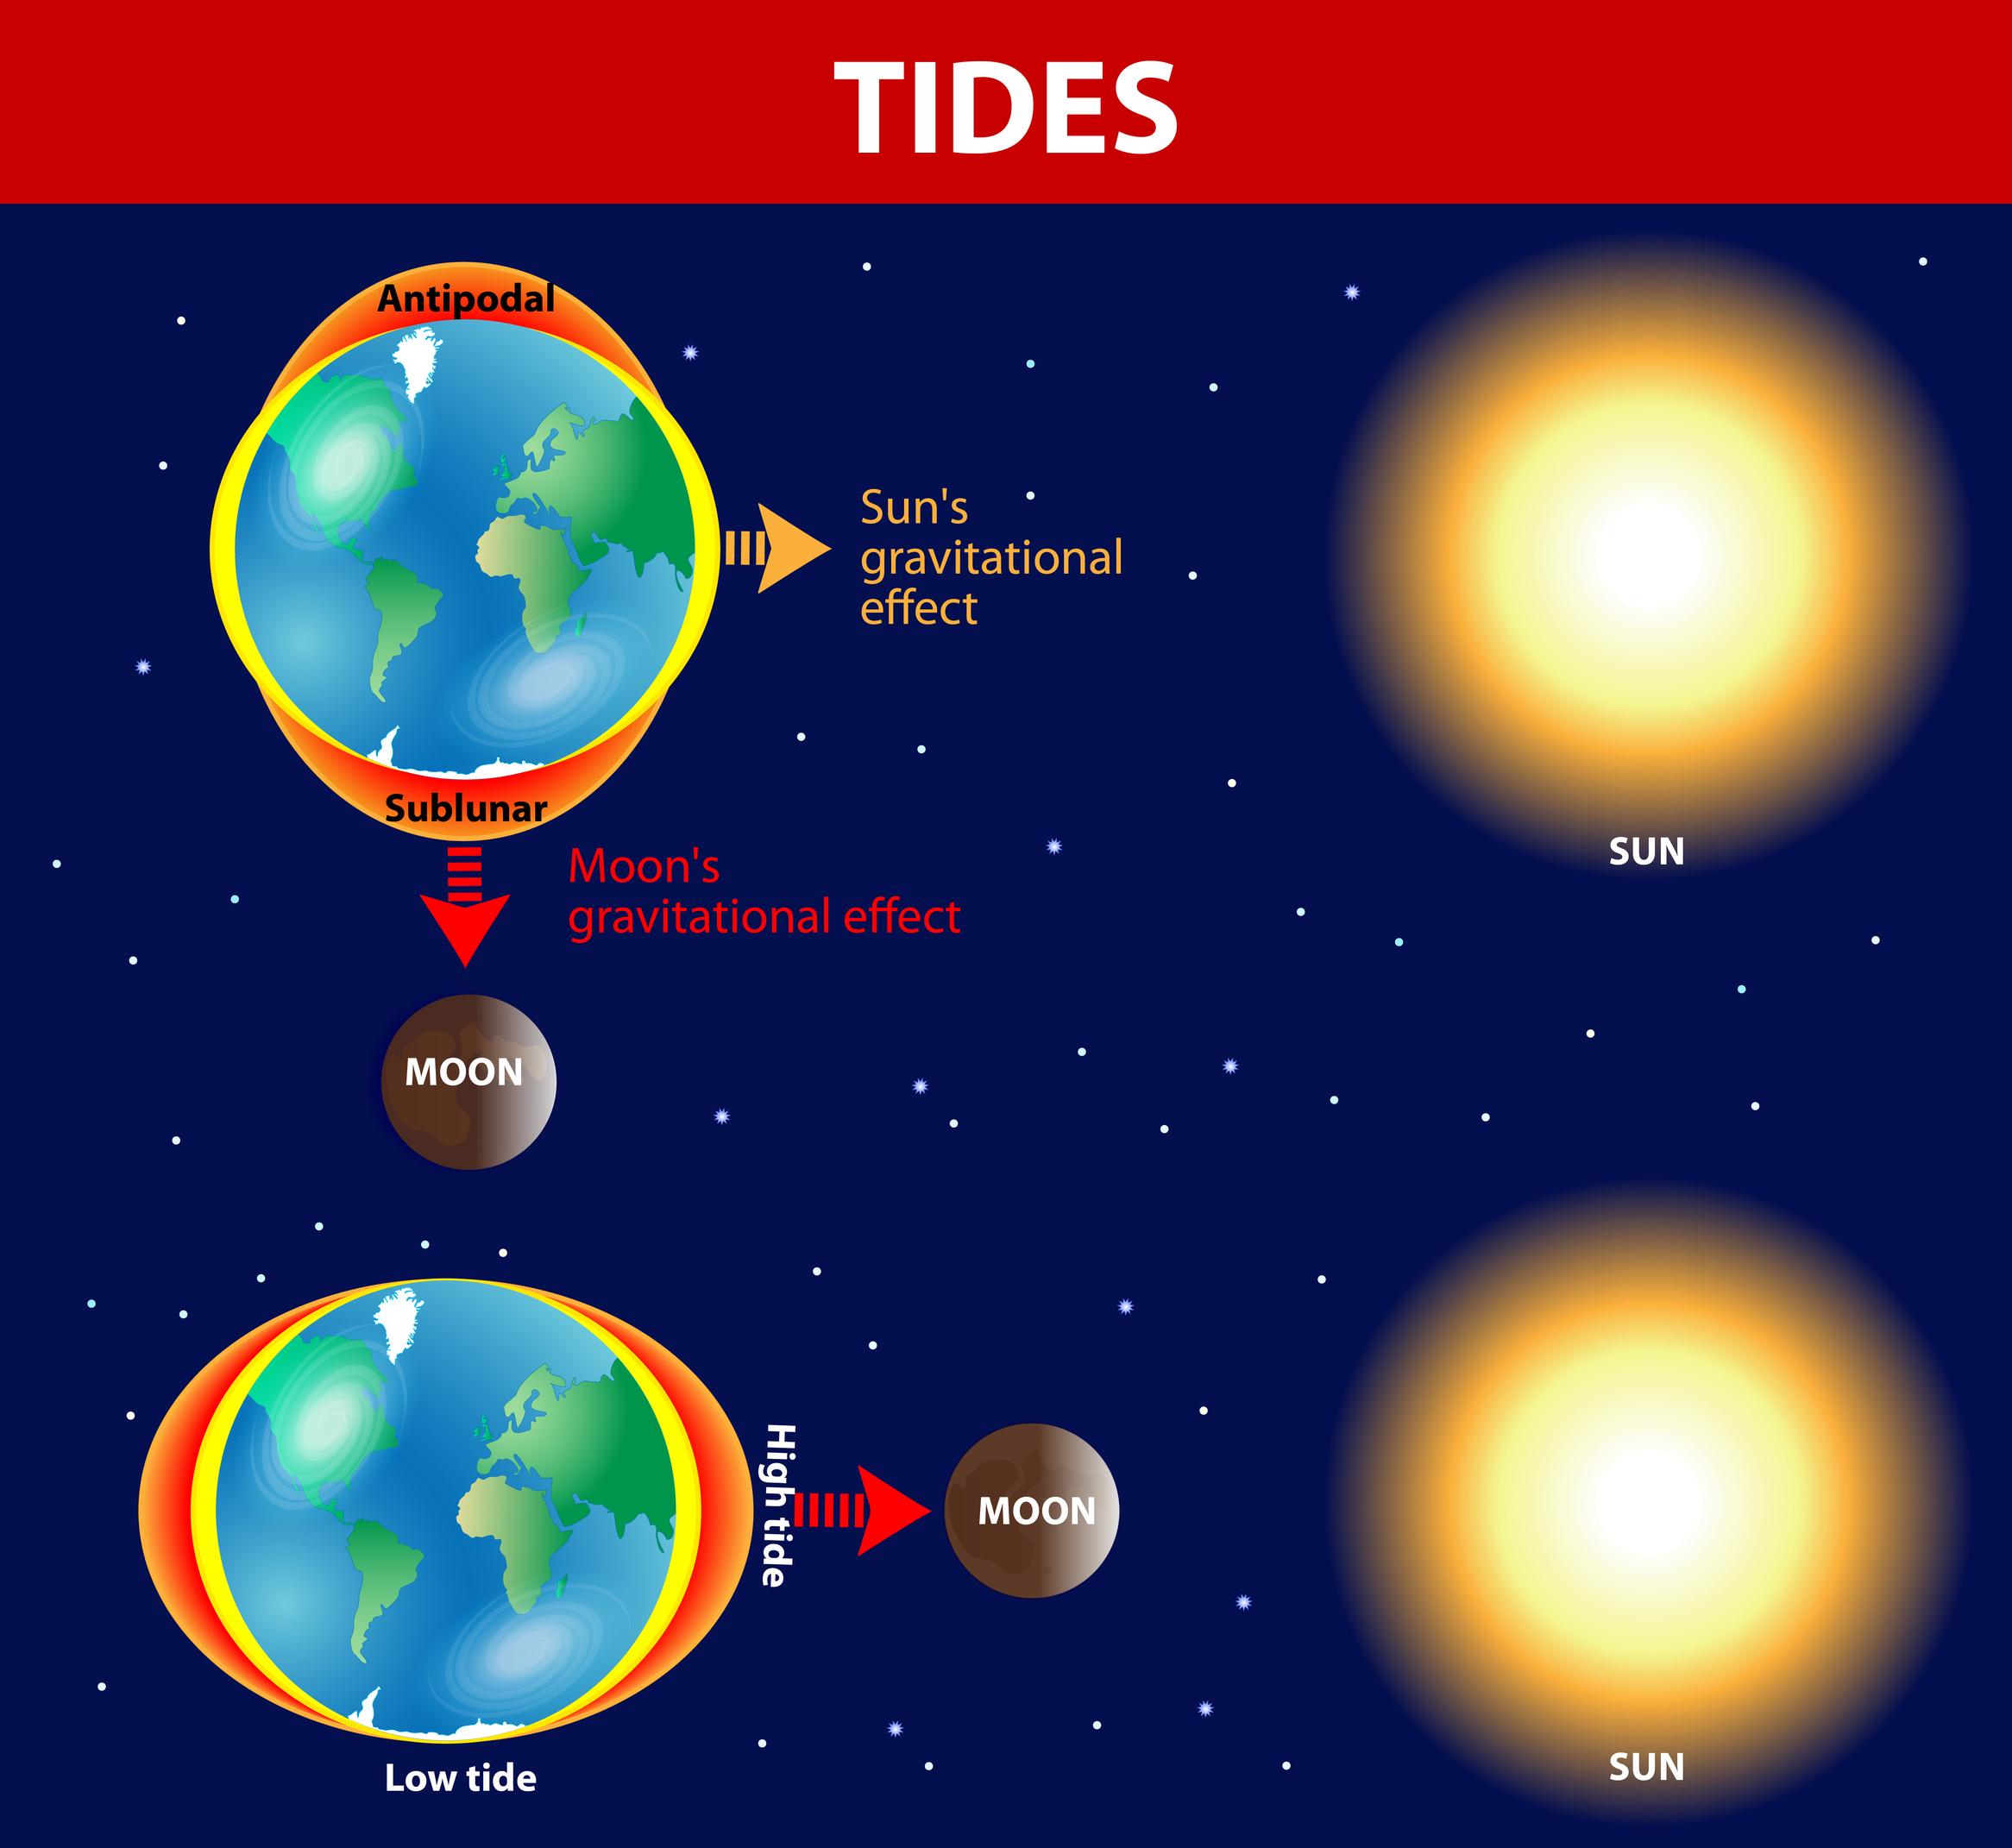 Tides.